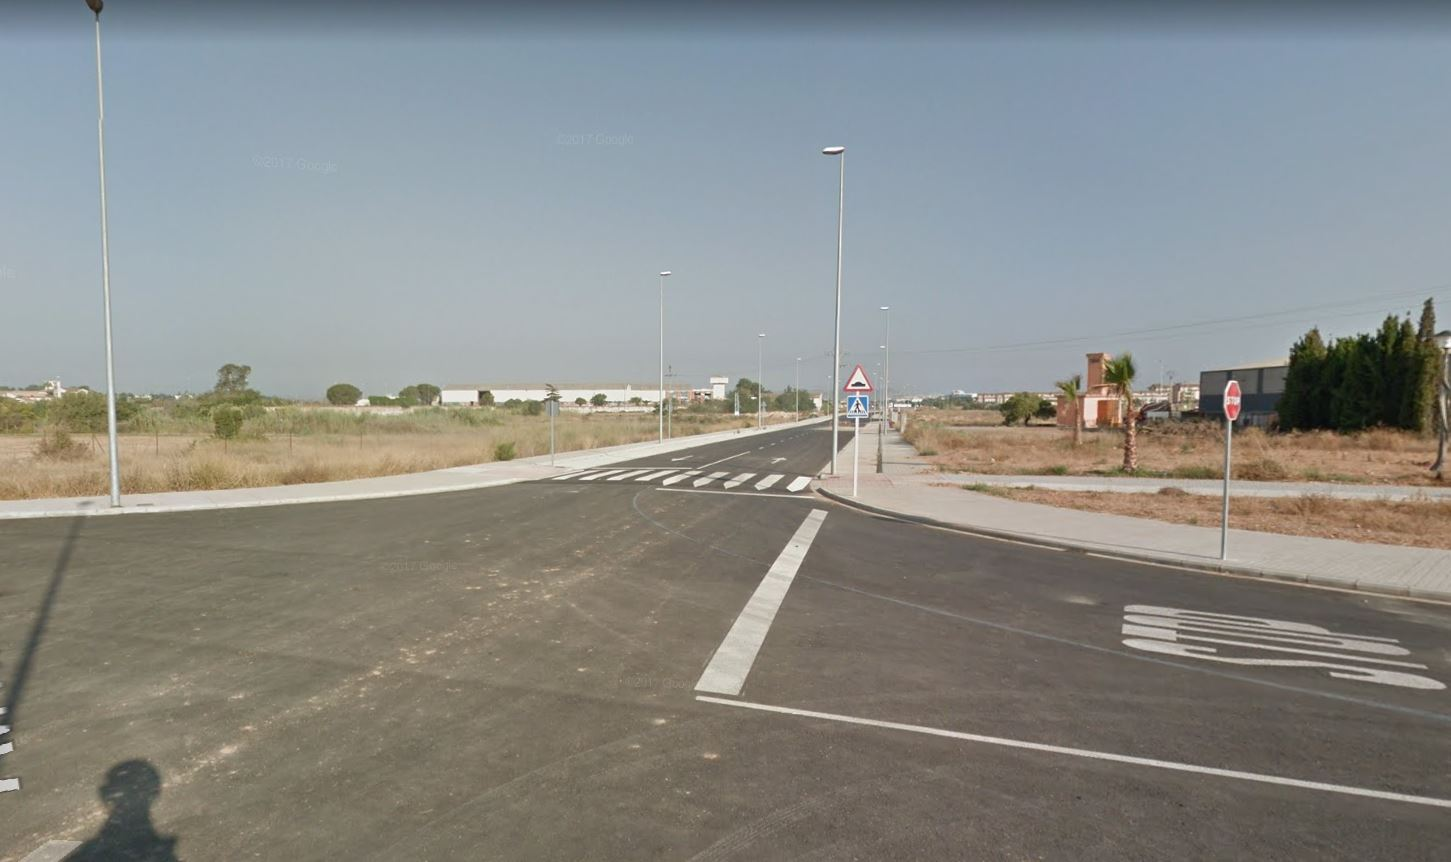 El primer edil, Salva Torrent, anunció la llegada de la primera empresa a la nueva área industrial, concretamente, la valenciana que ocupará una parcela de 20.000 metros cuadrados.